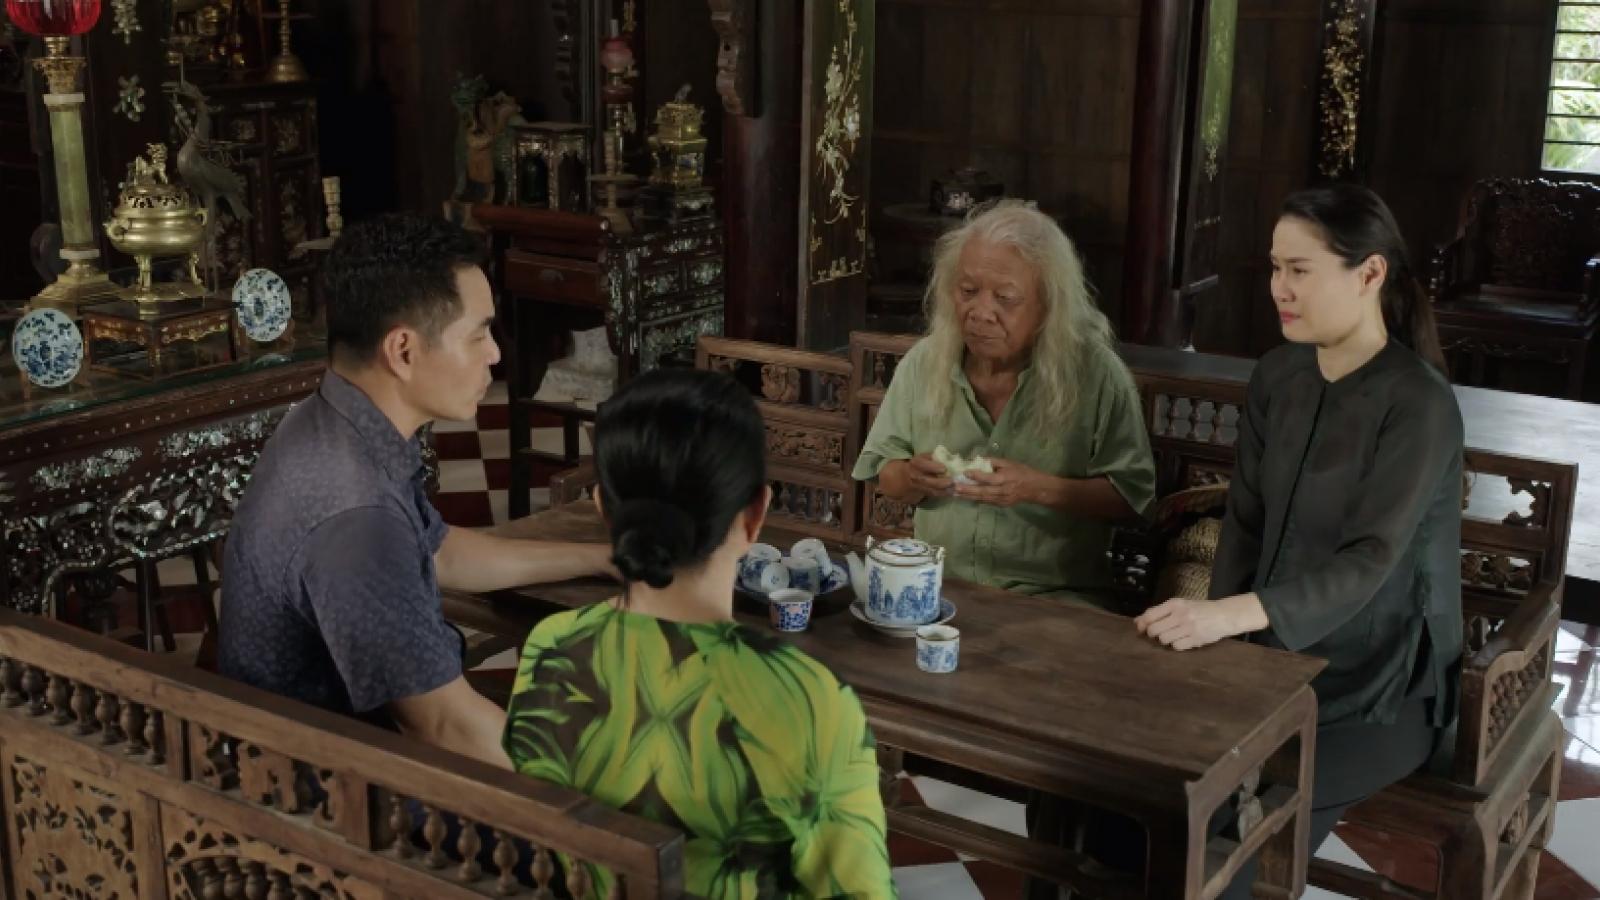 Thân Thúy Hà, Trung Dũng kể câu chuyện hiếu nghĩa với cha mẹ